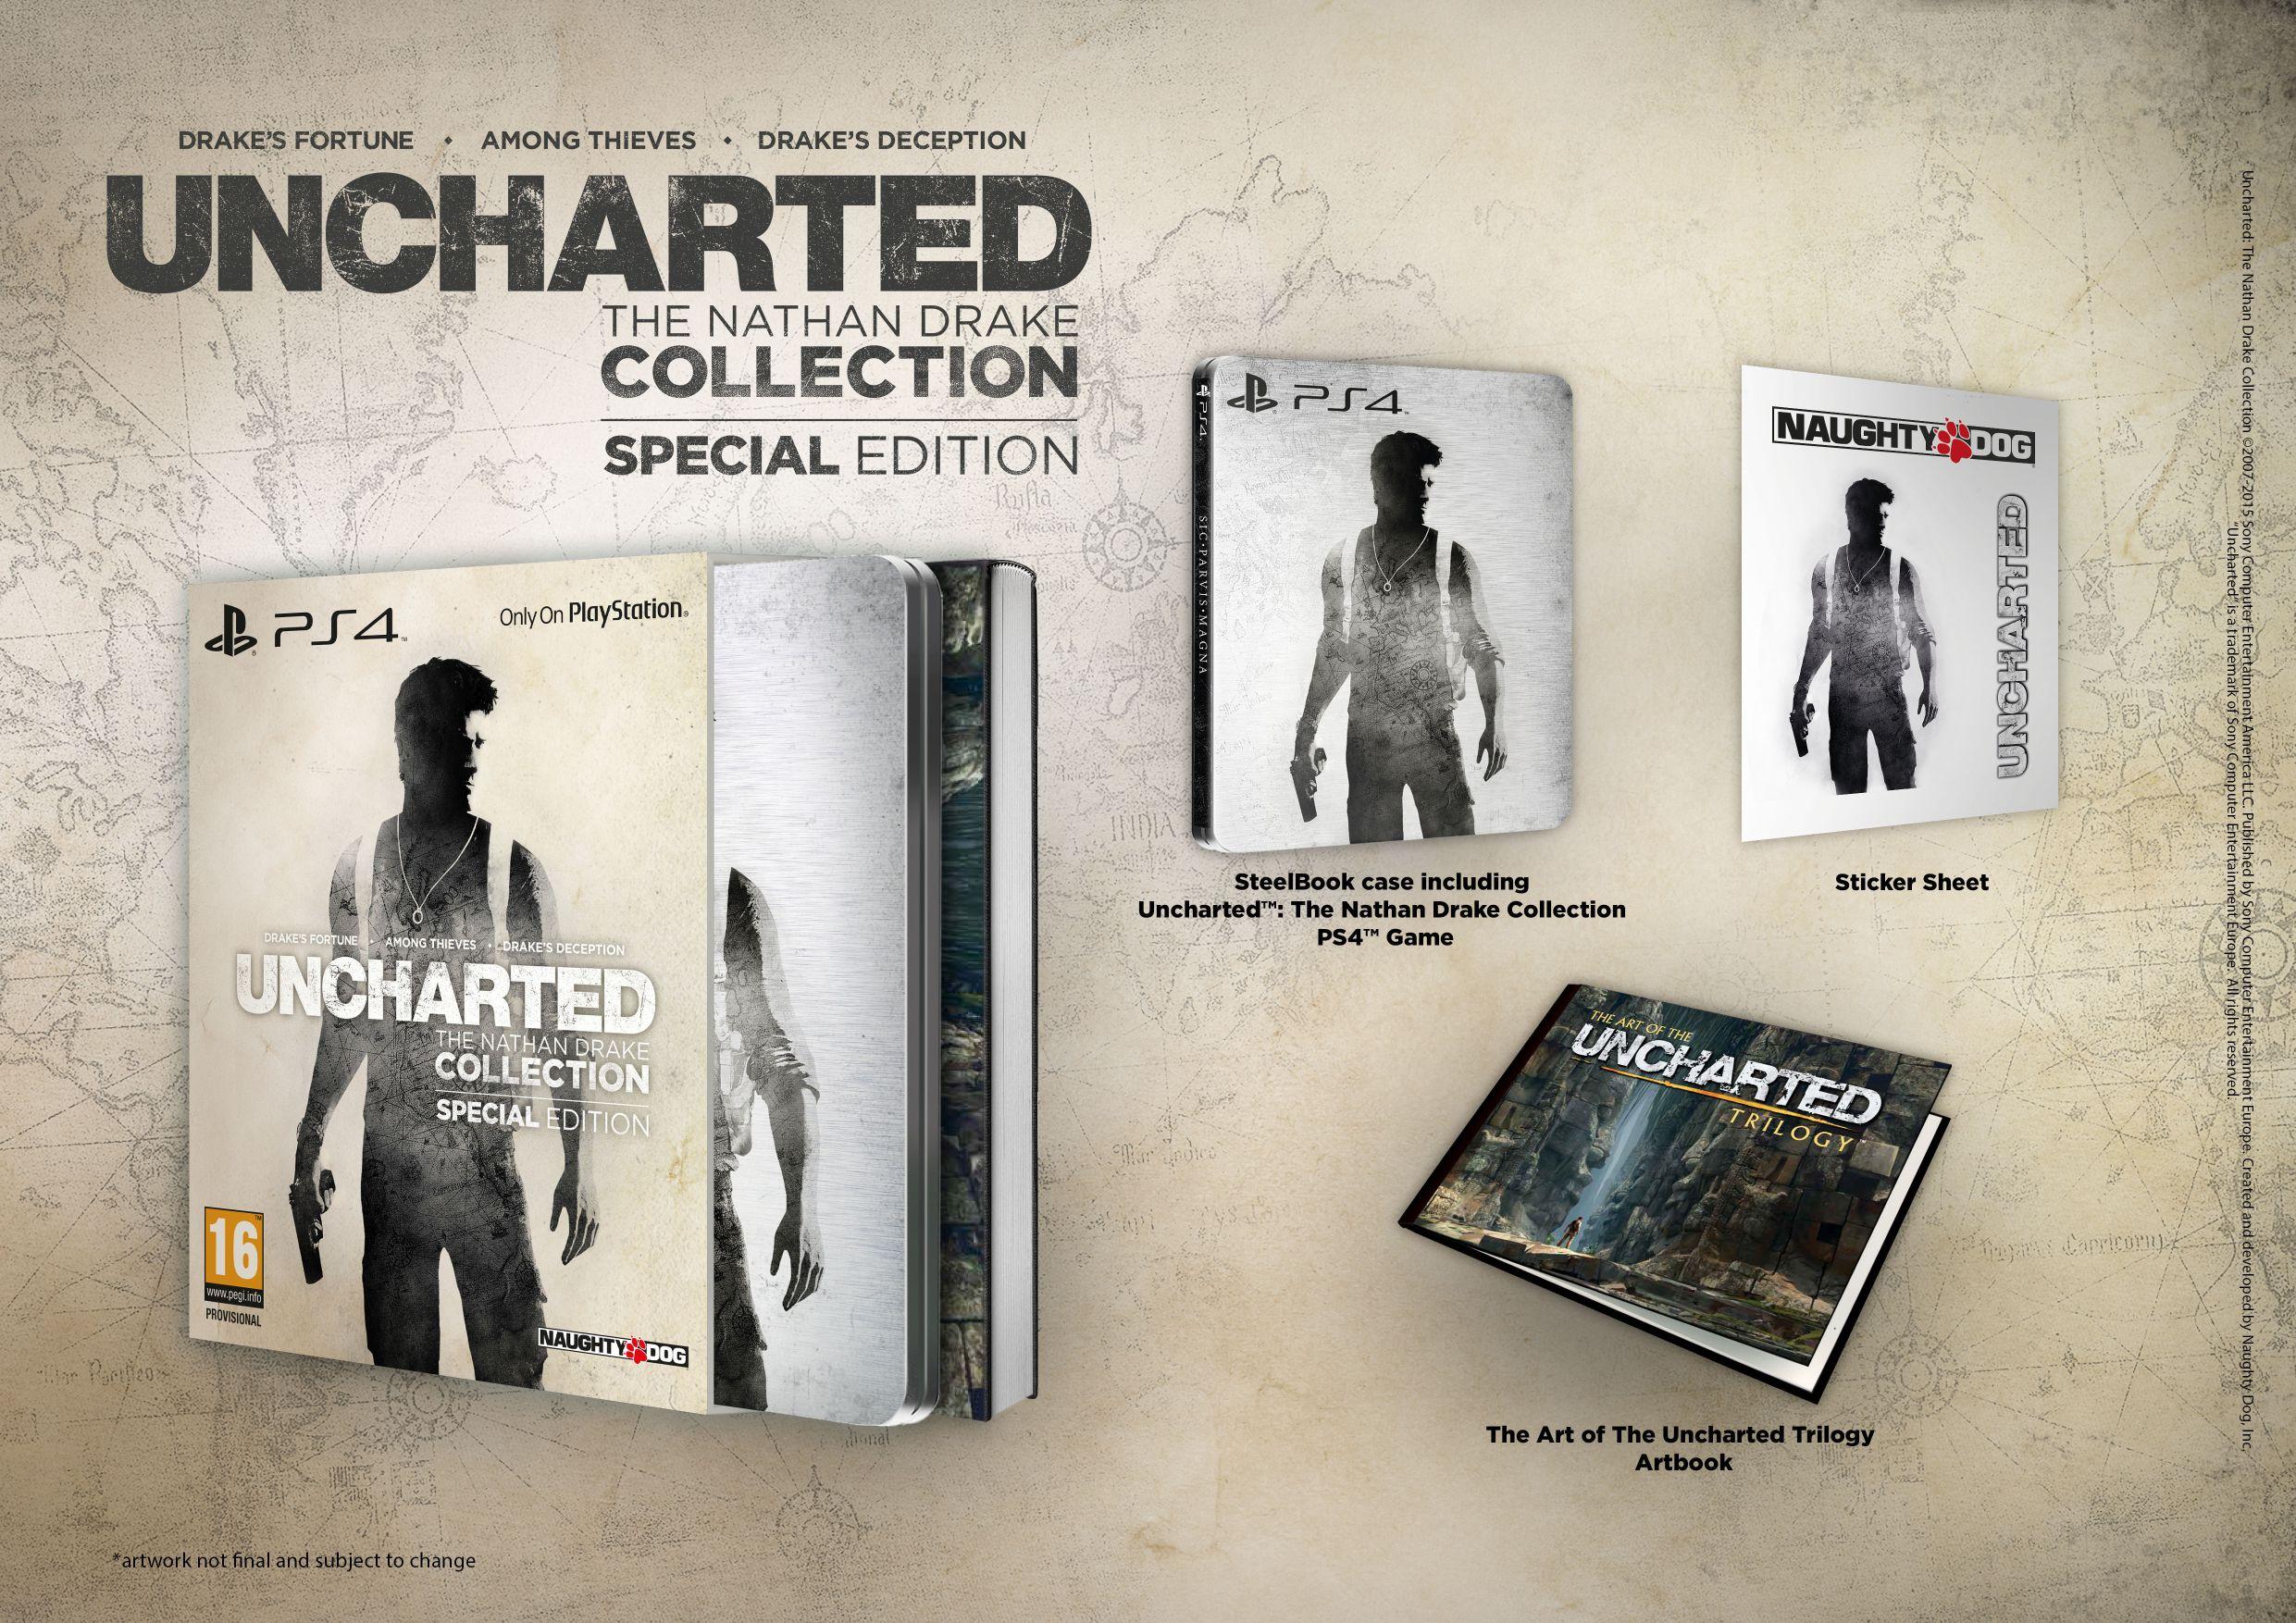 Představena speciální edice kolekce Uncharted 112373